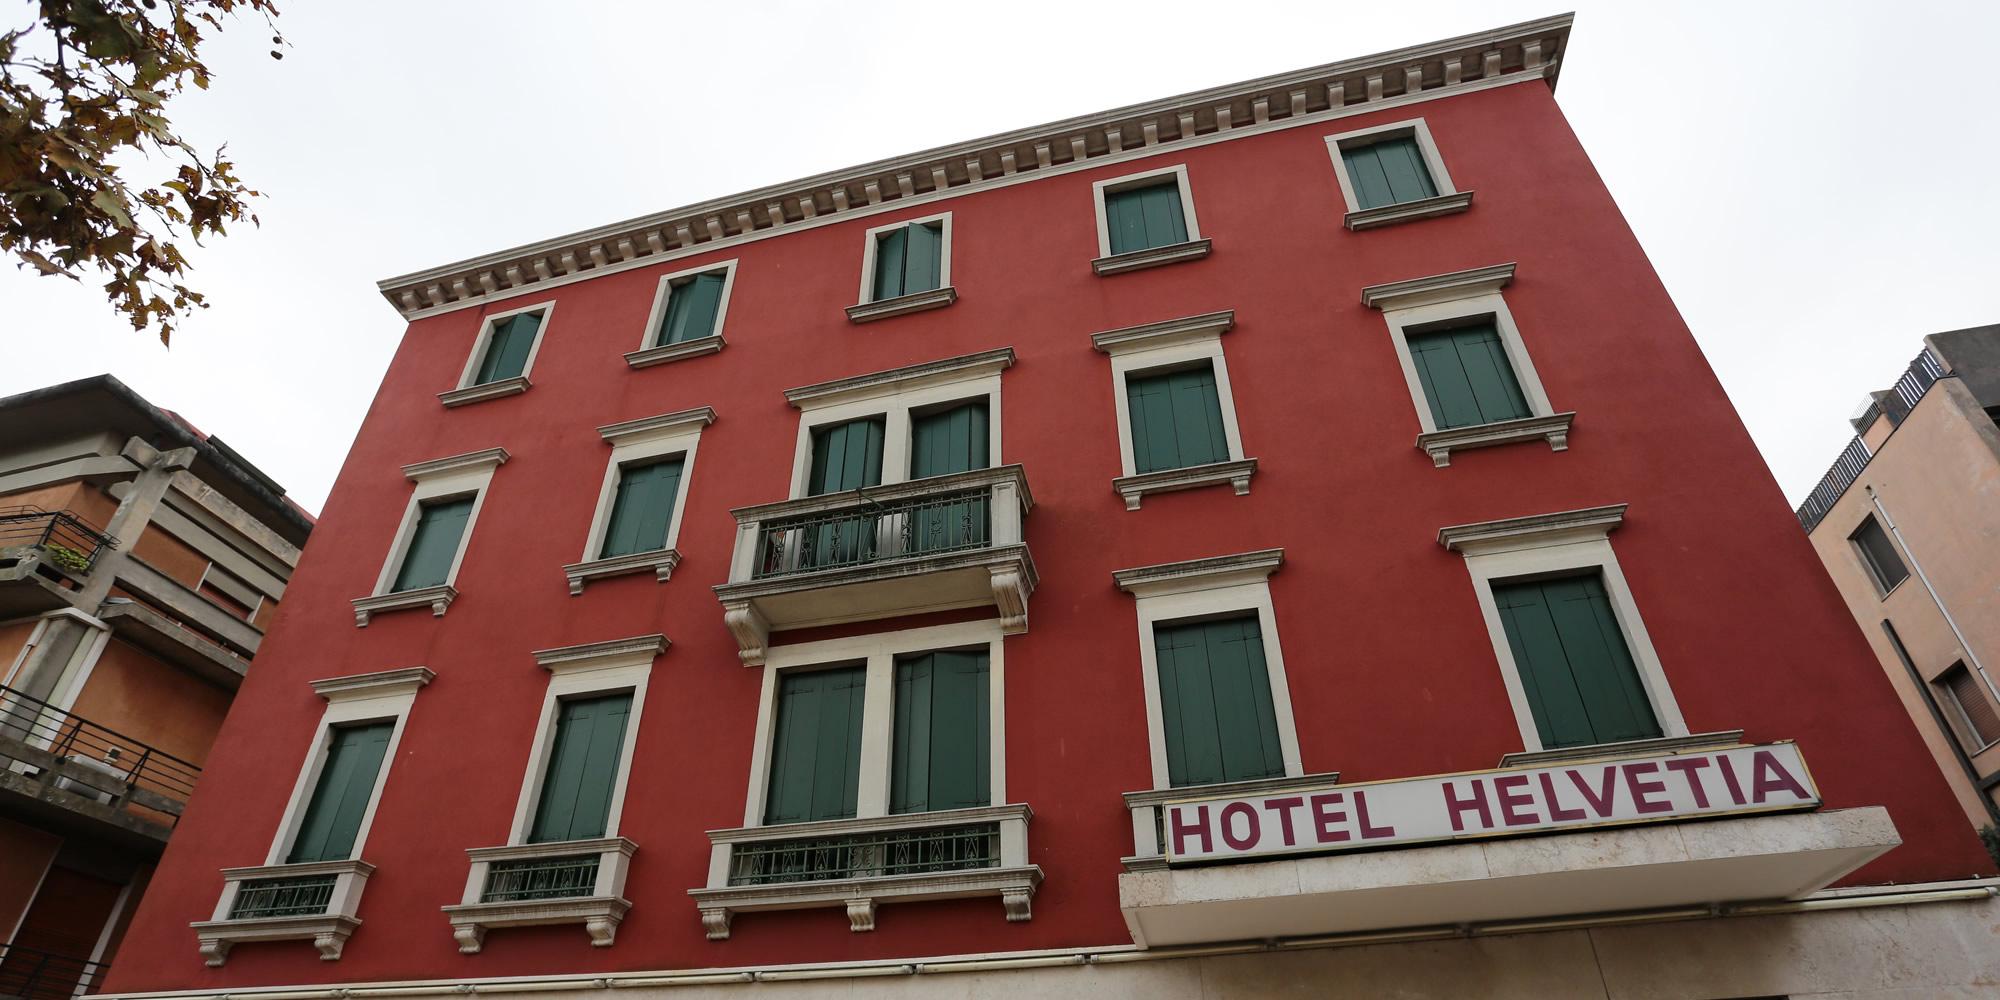 Albergo Venezia 4 estrella Hoteles 4 stelle a venezia